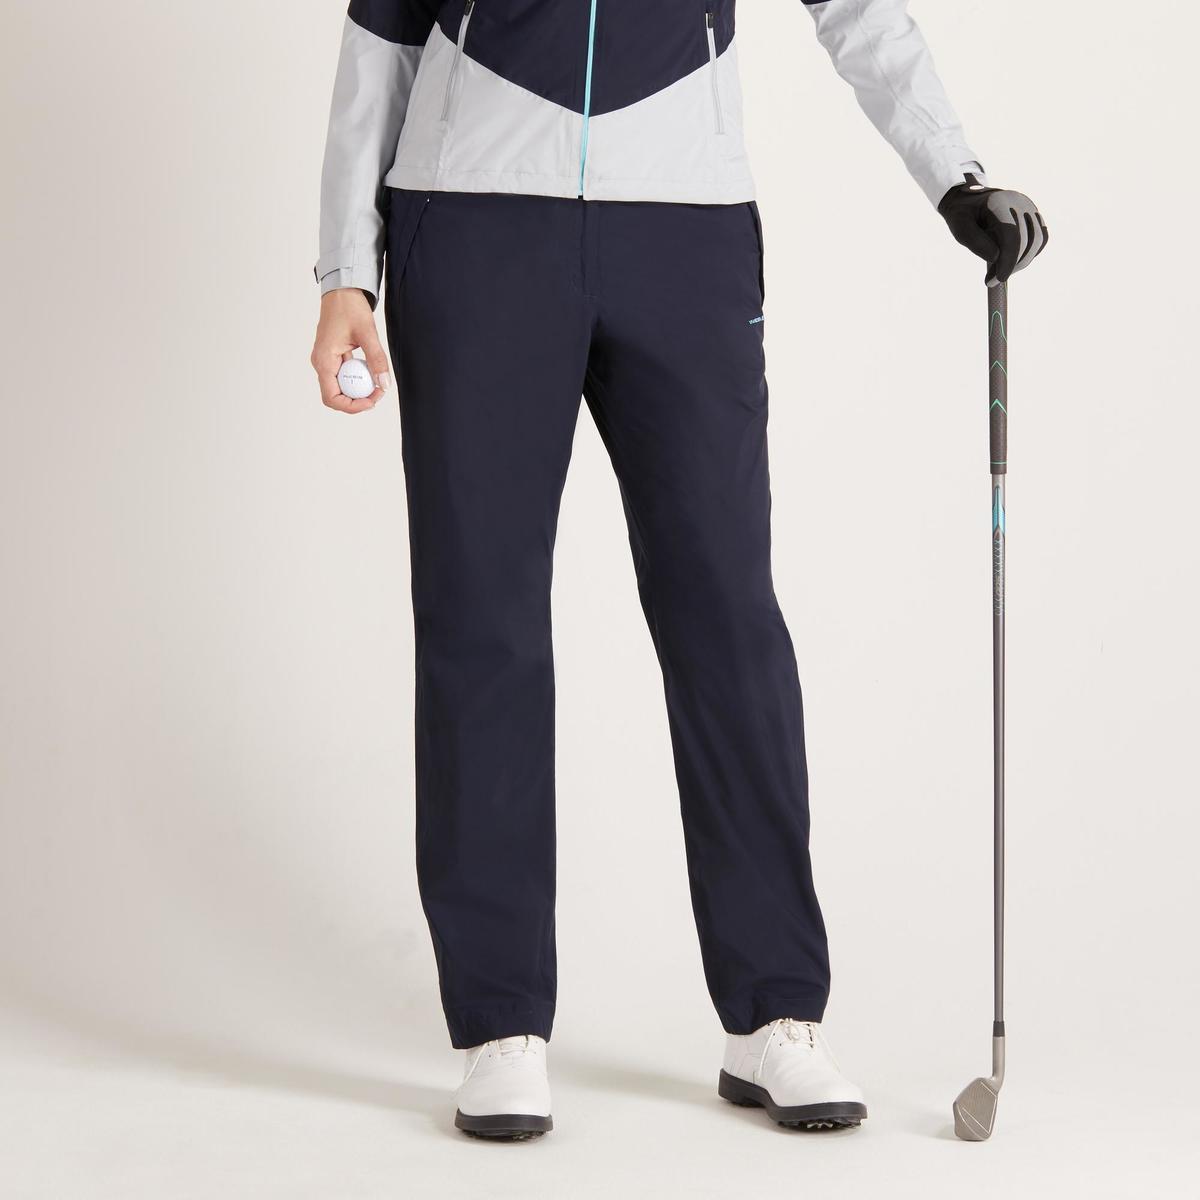 Bild 2 von Golf Regenhose 900 Damen marineblau wasserdicht